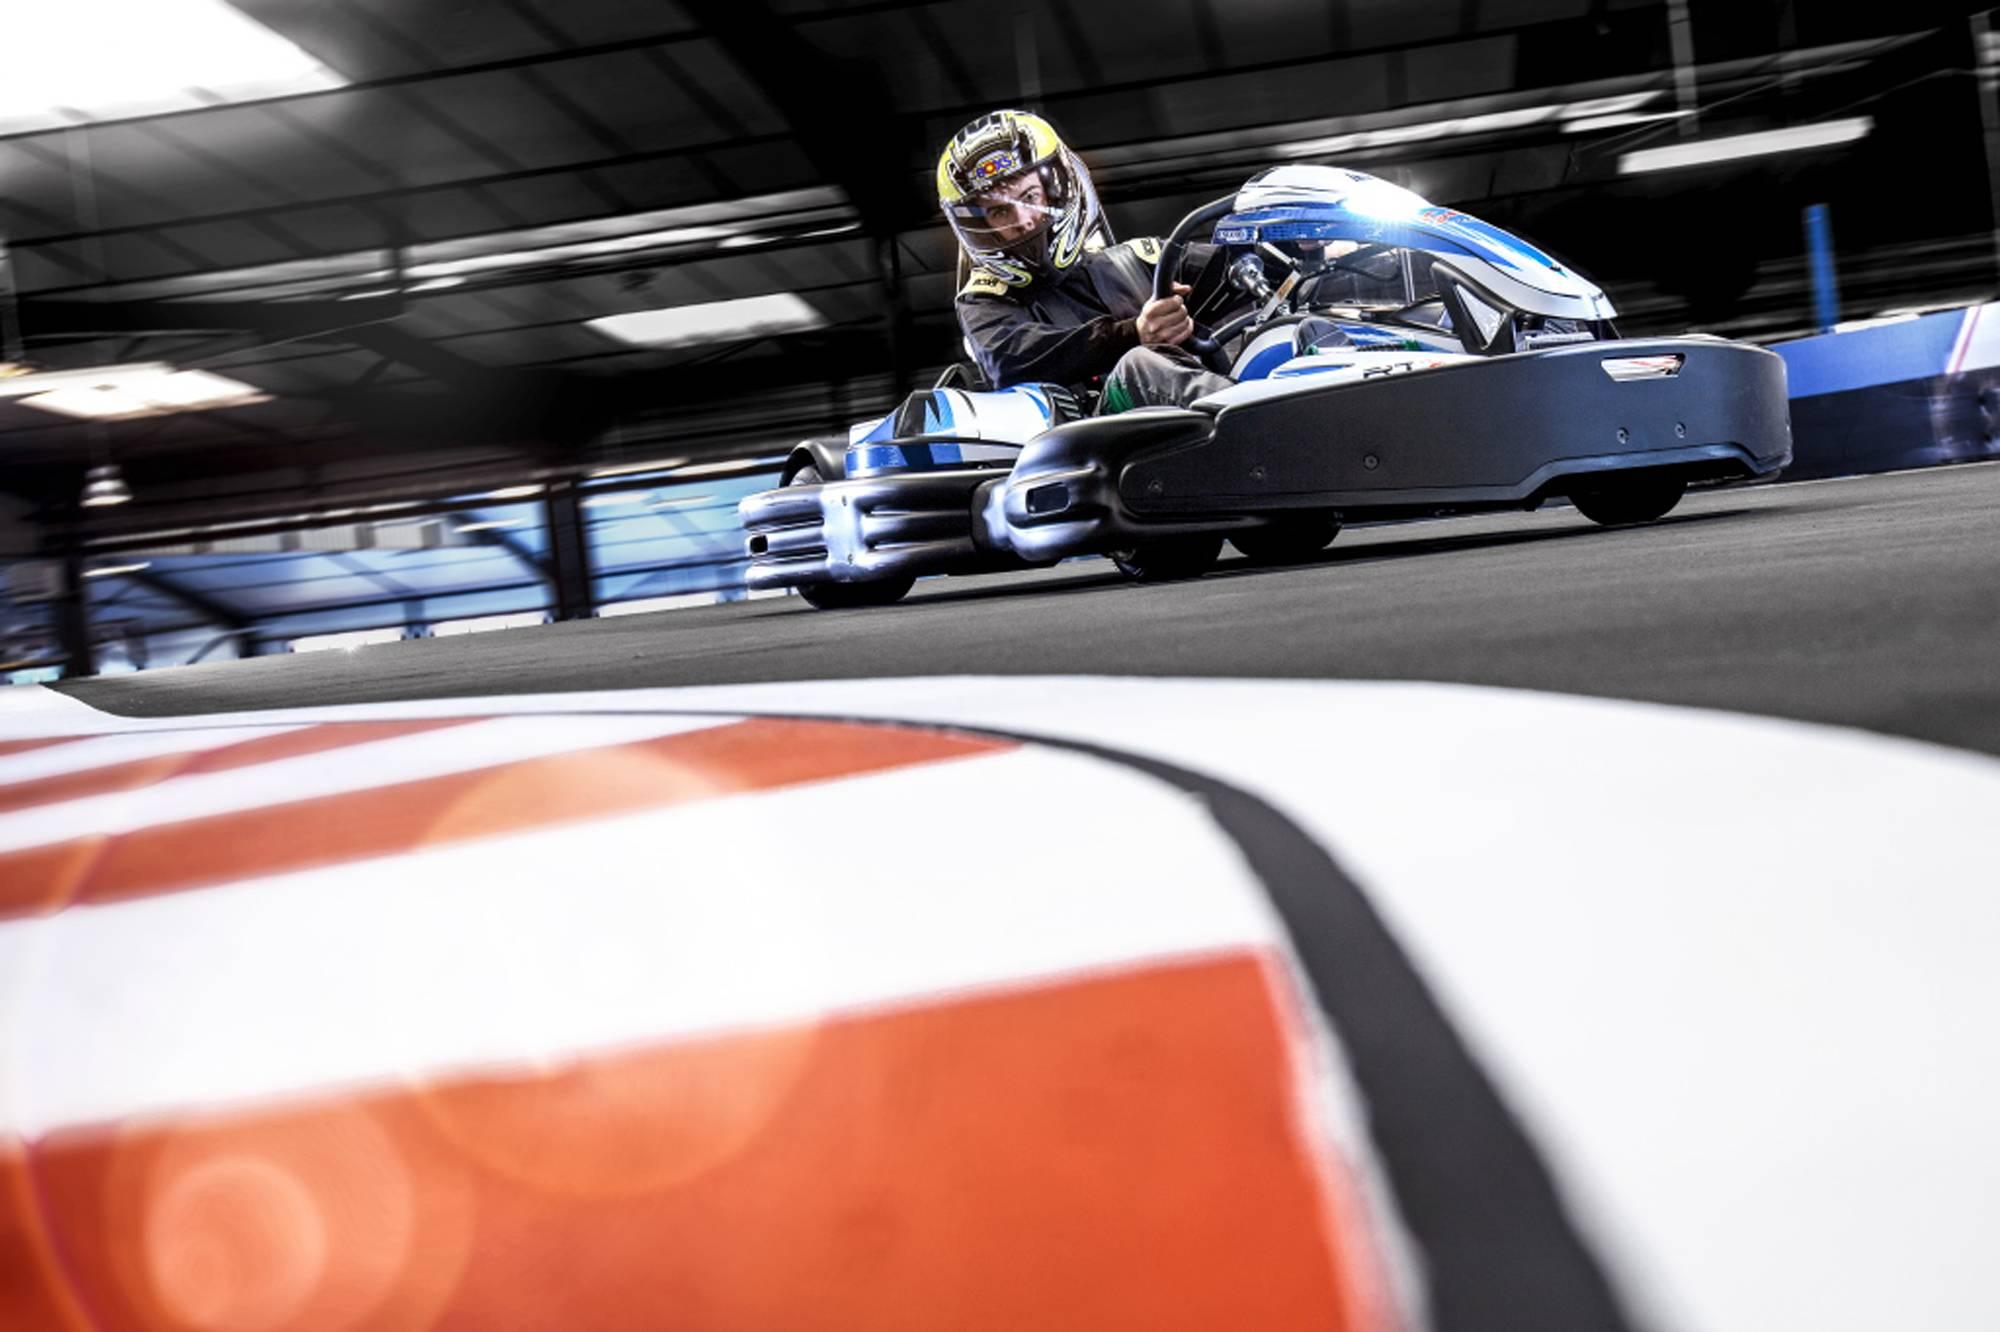 kart électrique puissant sur piste de karting multi-niveaux près de lyon